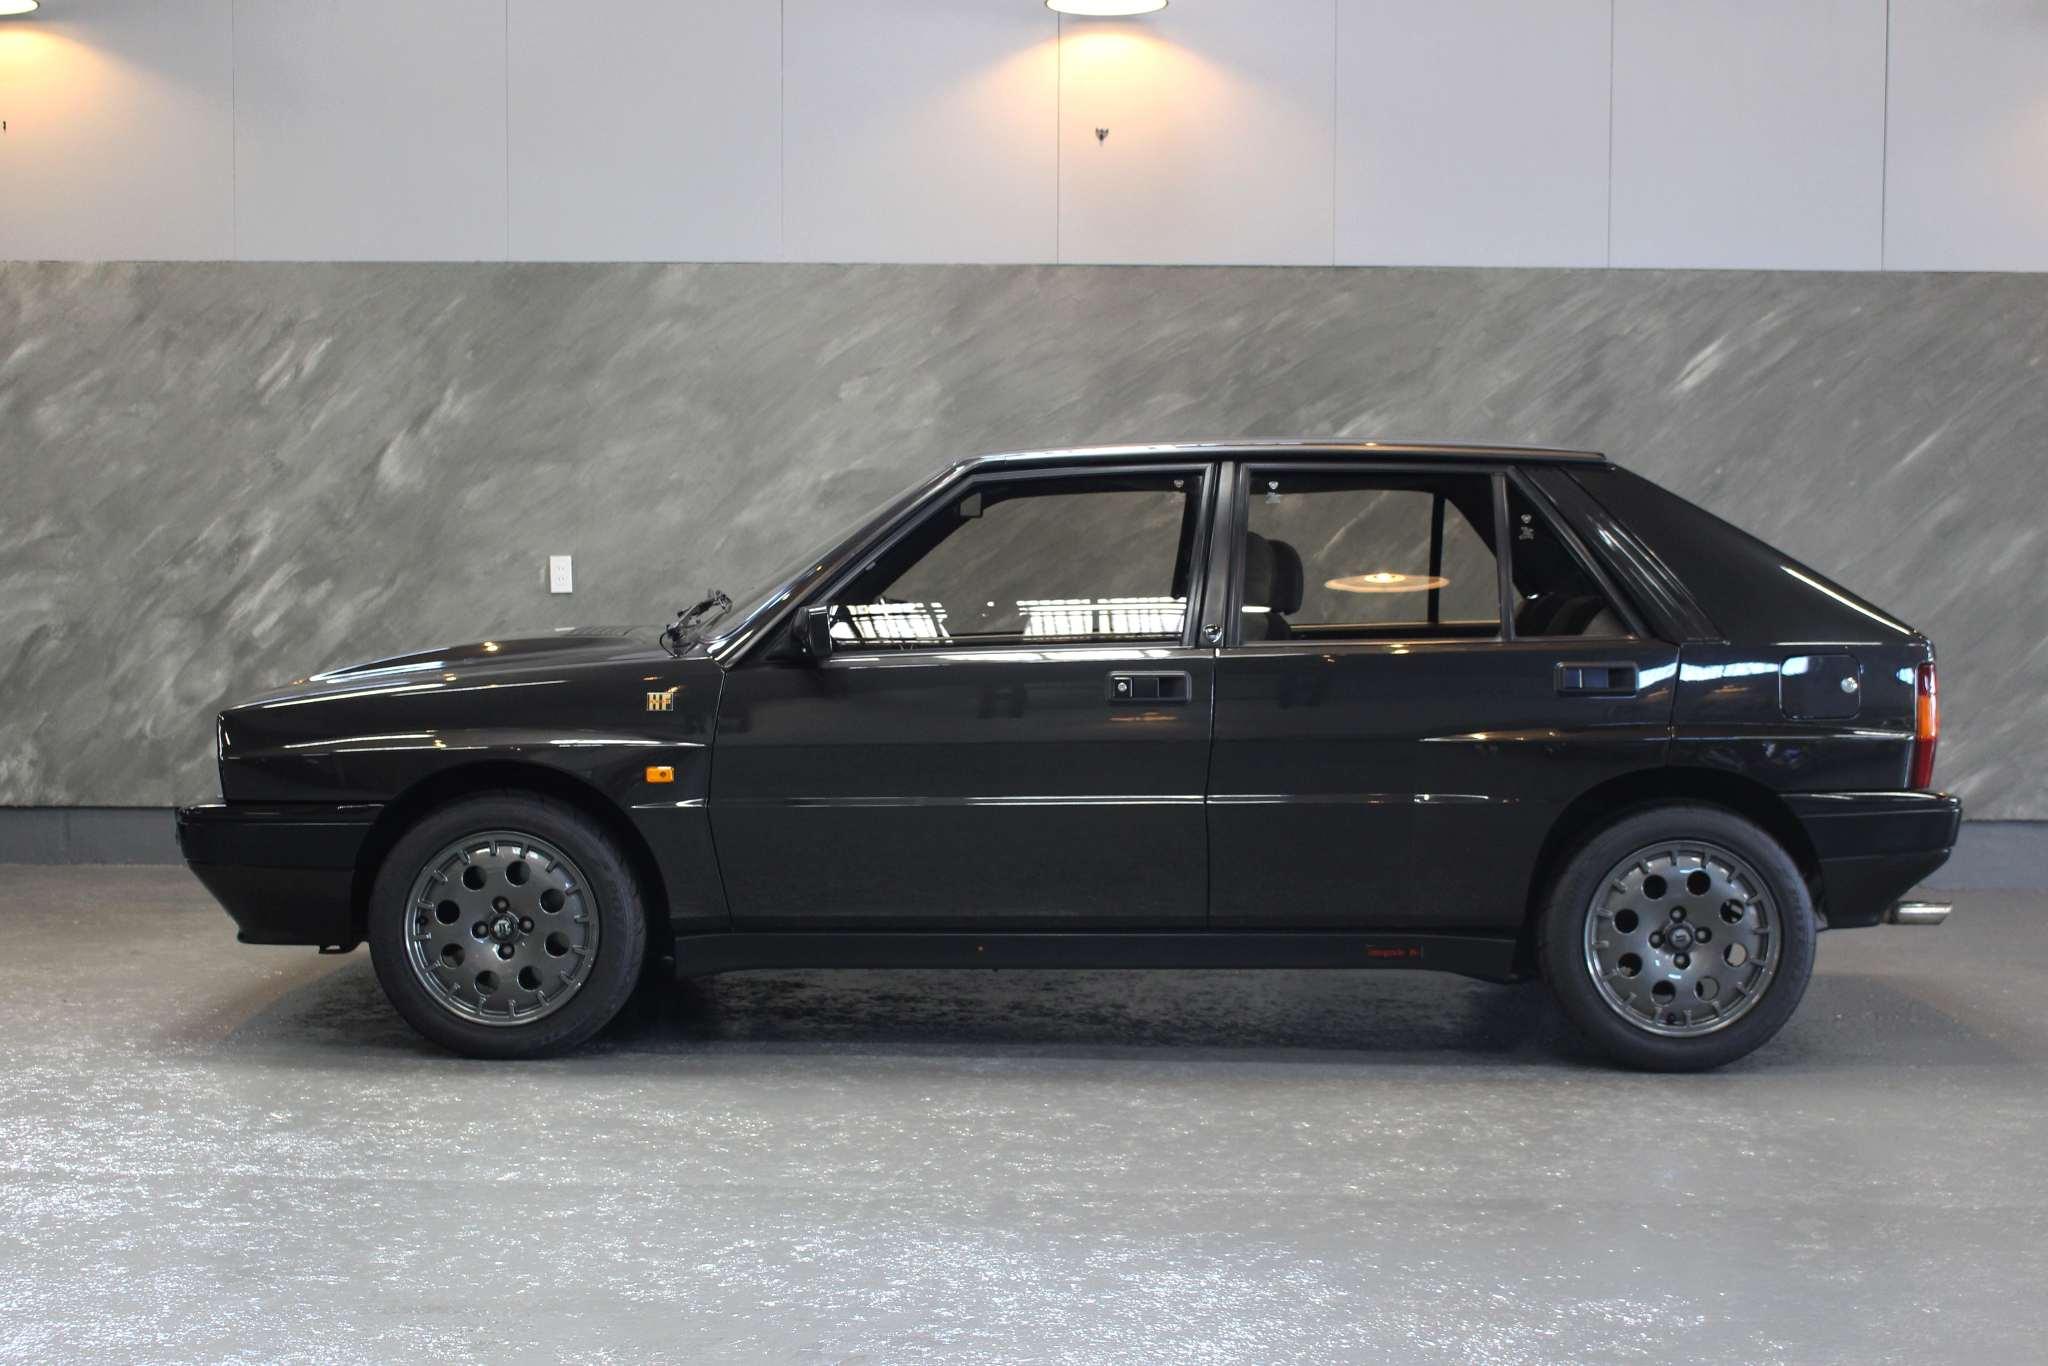 1993 年 ランチア デルタインテグラーレHF16V